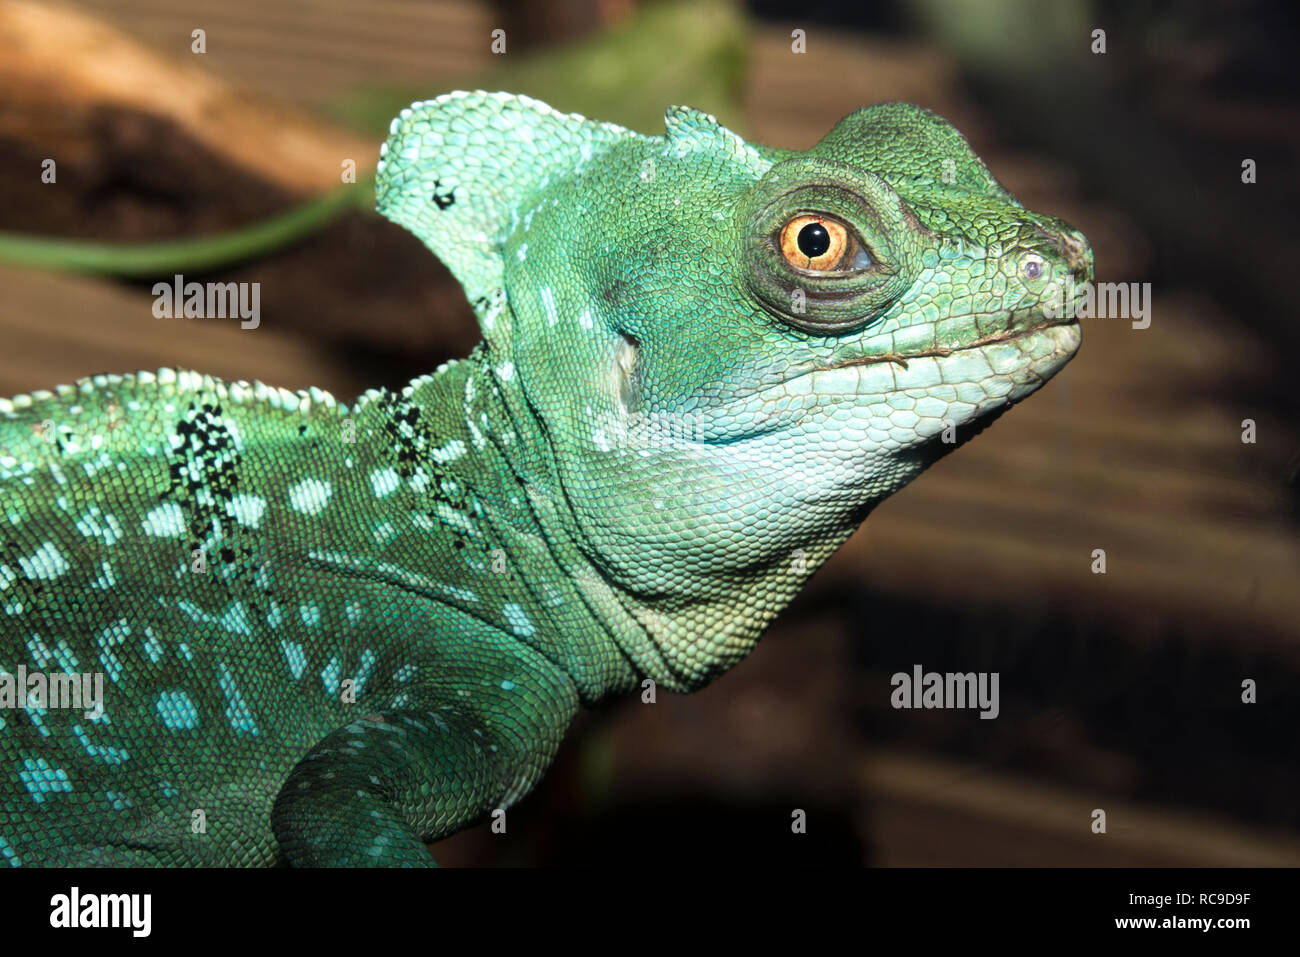 Plumed Basilisk (Basiliscus plumifrons) Stock Photo